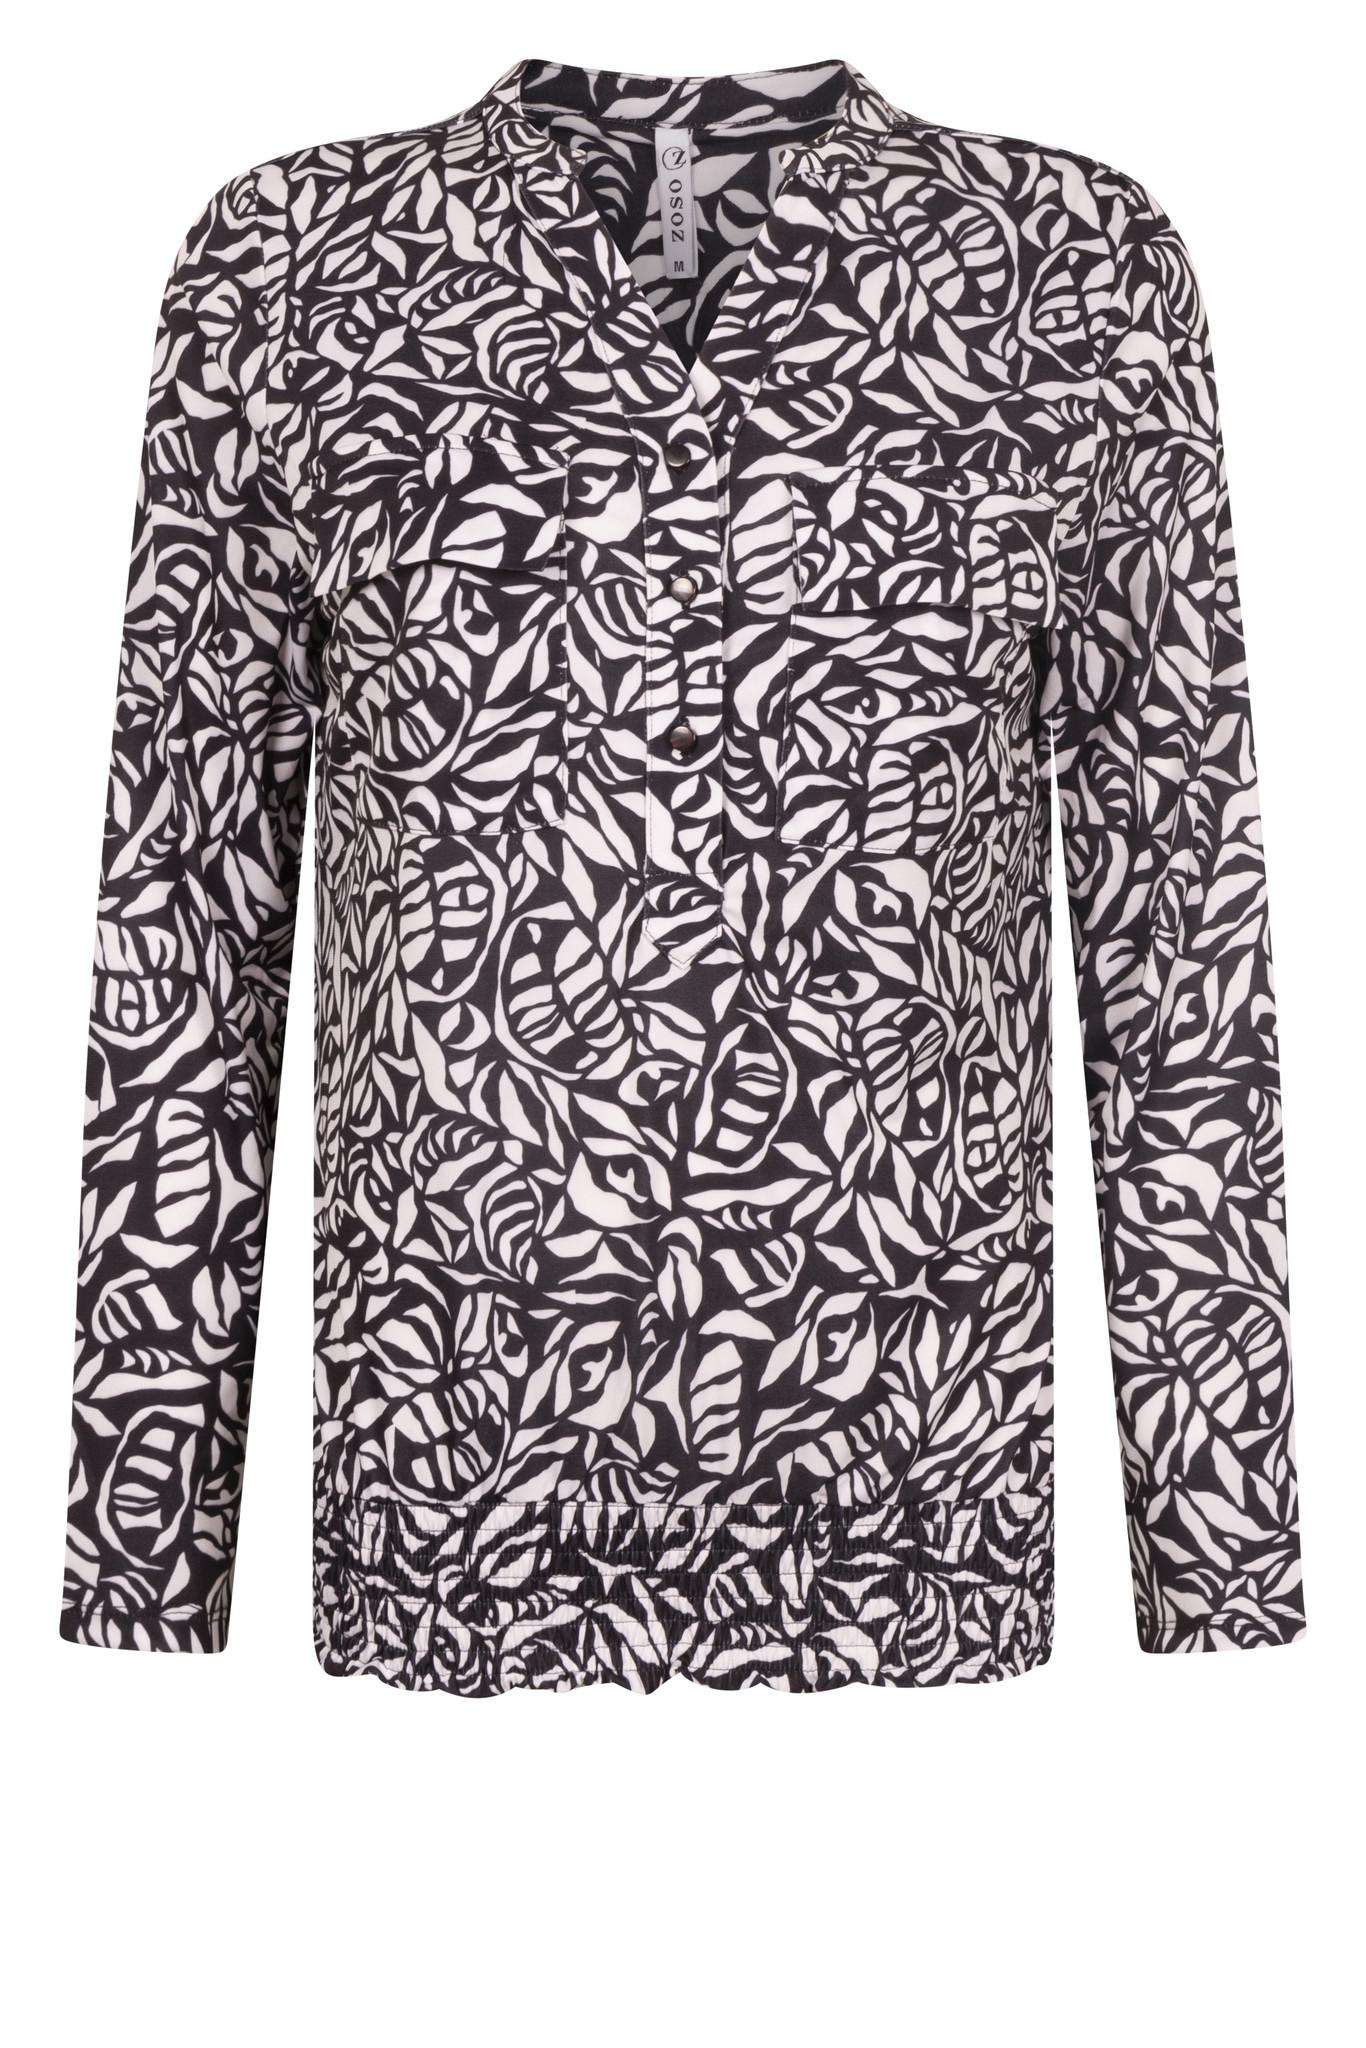 Zoso Zoso Telma blouse splendour